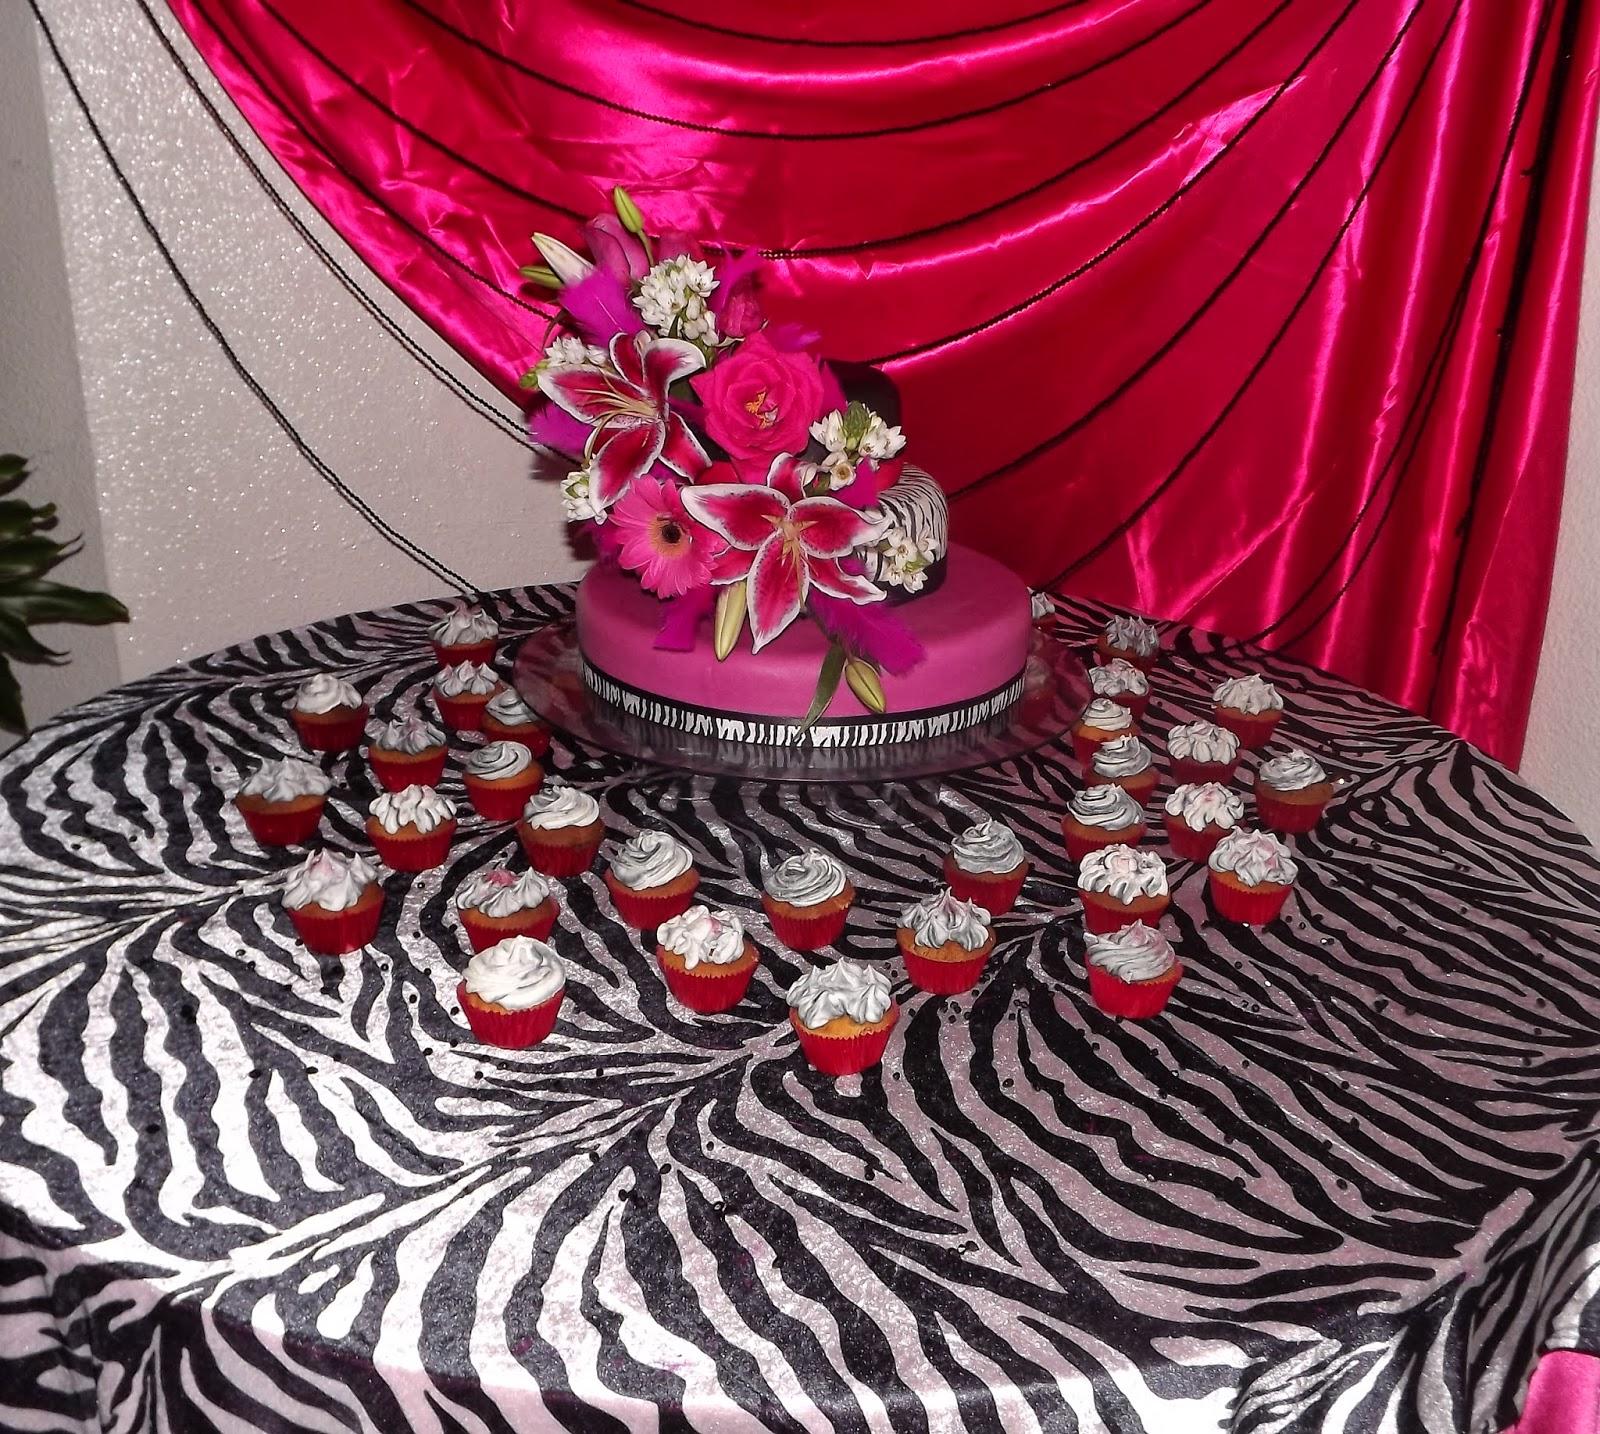 Tortas y decoraciones 15 a os fucsia y cebra for Decoracion cebra